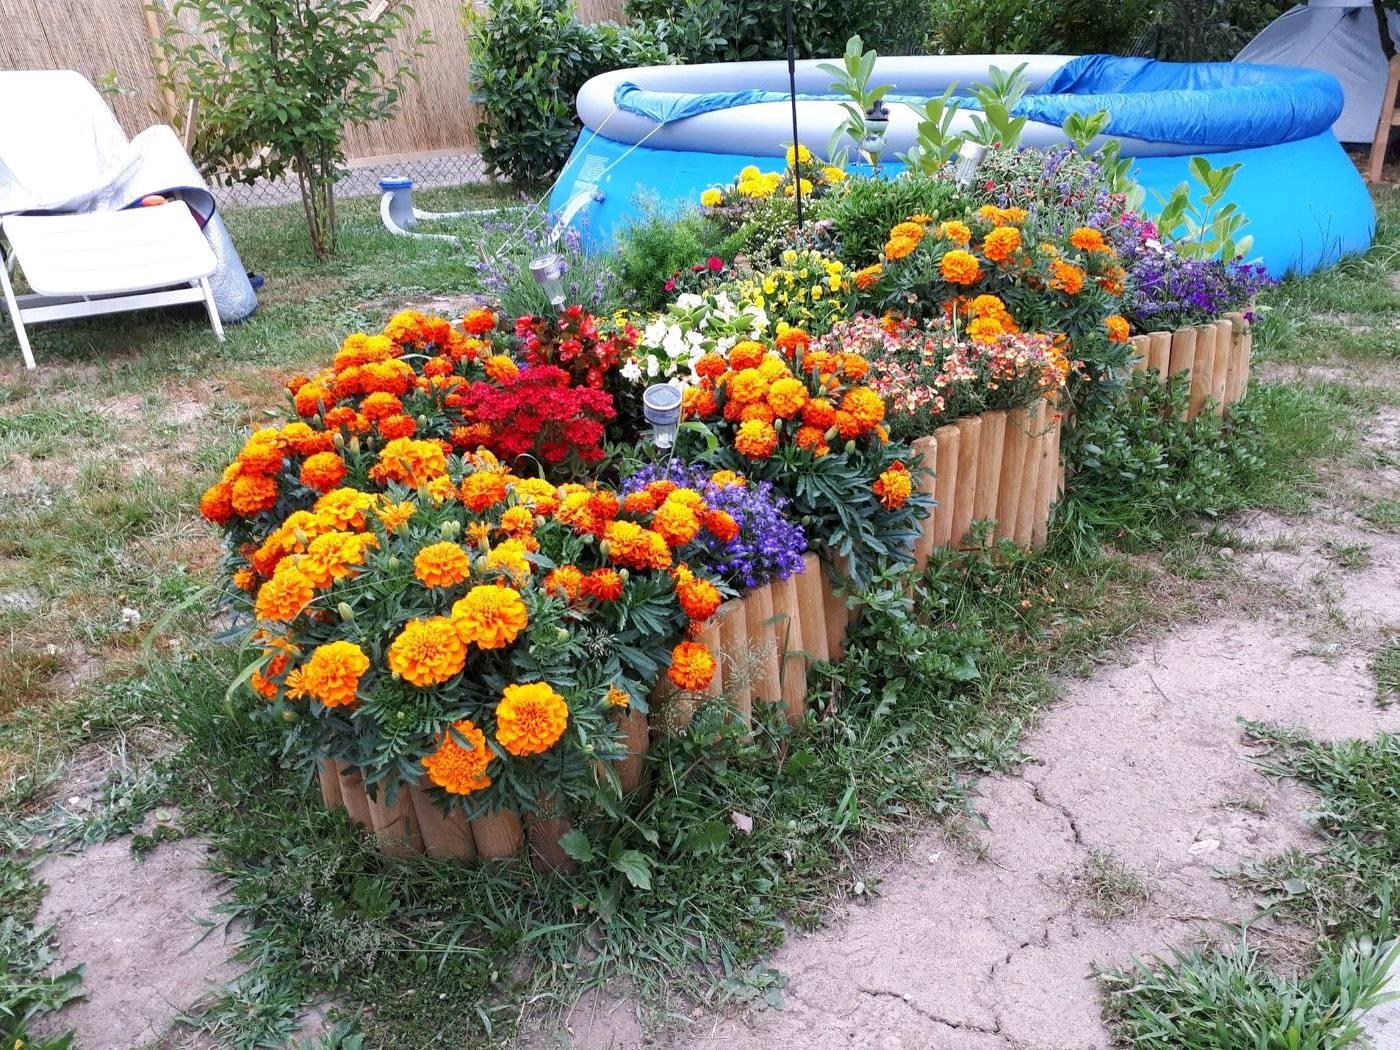 Blumenbeet und ein Swimmingpool